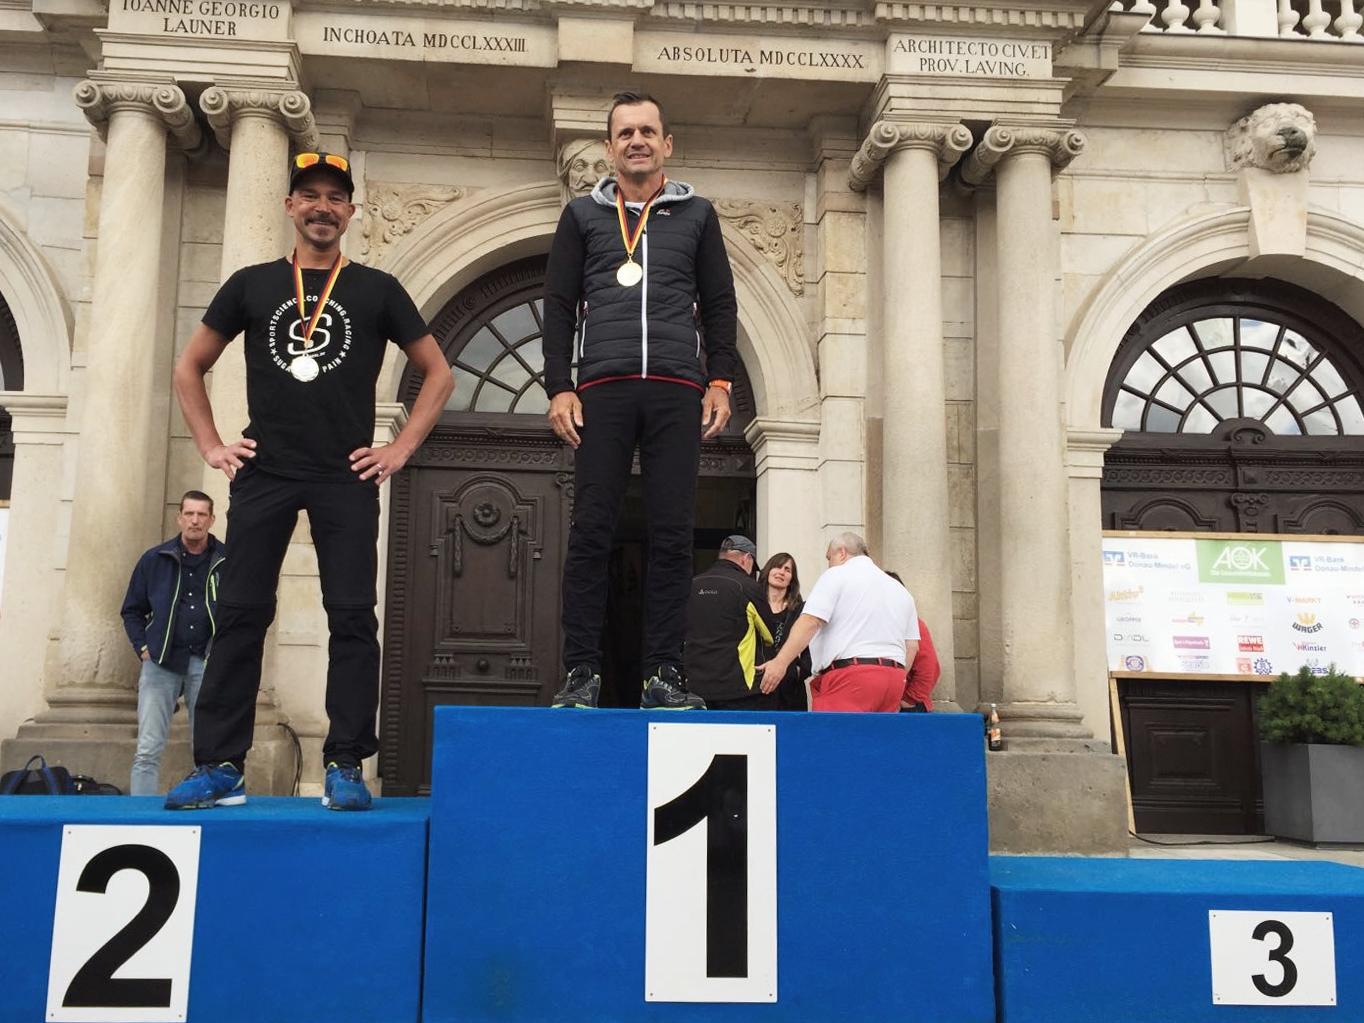 TRIATHLON MITTELDISTANZ Bayerischer Meister 2016 mit Rock 'n' Roll im Kopf /  Siegerehrung Mitteldistanz mit Stefan Drexl und Thomas Hellriegel (v. l.) © Karl Aumiller